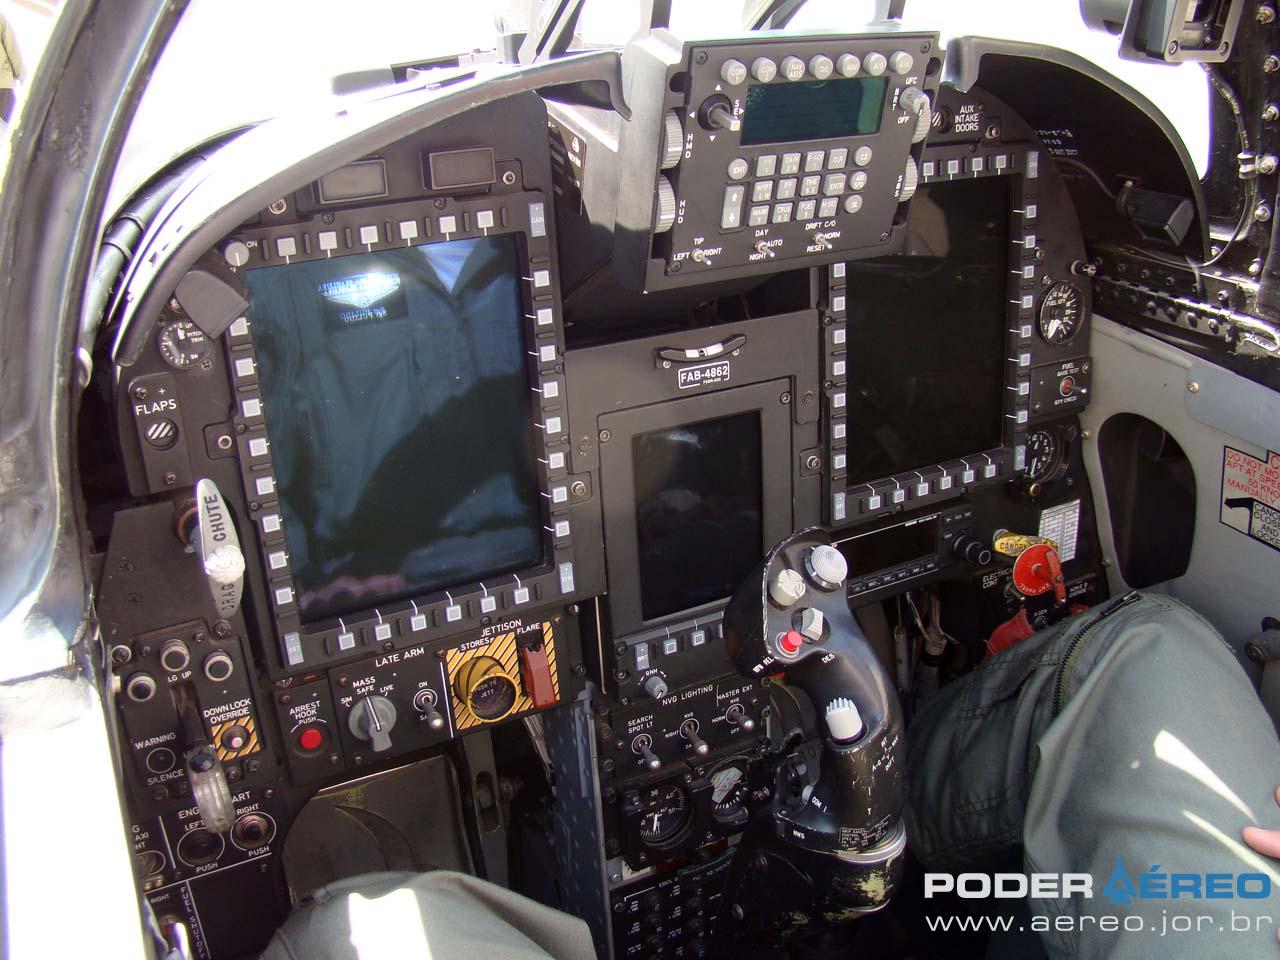 F-5EM painel com telas multifunção - foto Poder Aéreo - Nunão